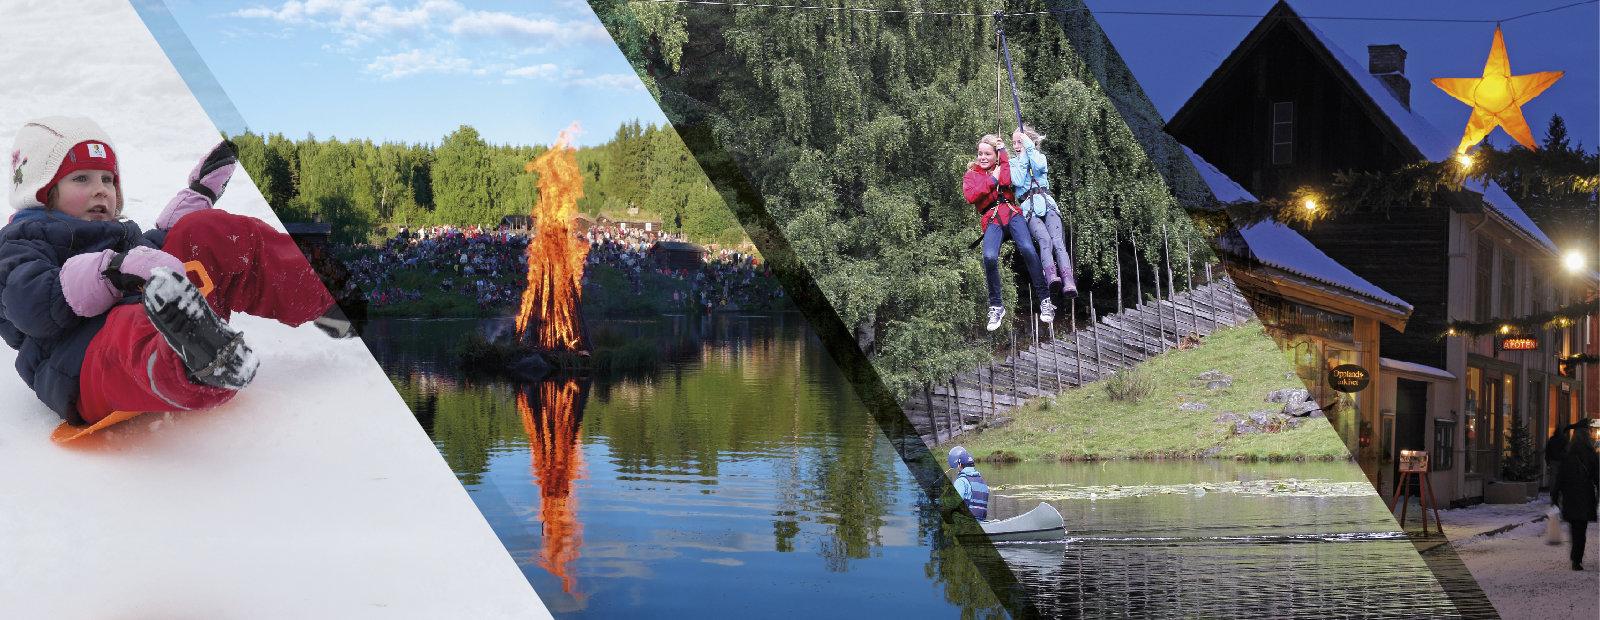 Collage fra noen av familieaktivitetene som tilbyr på Maihaugen på Lillehammer.